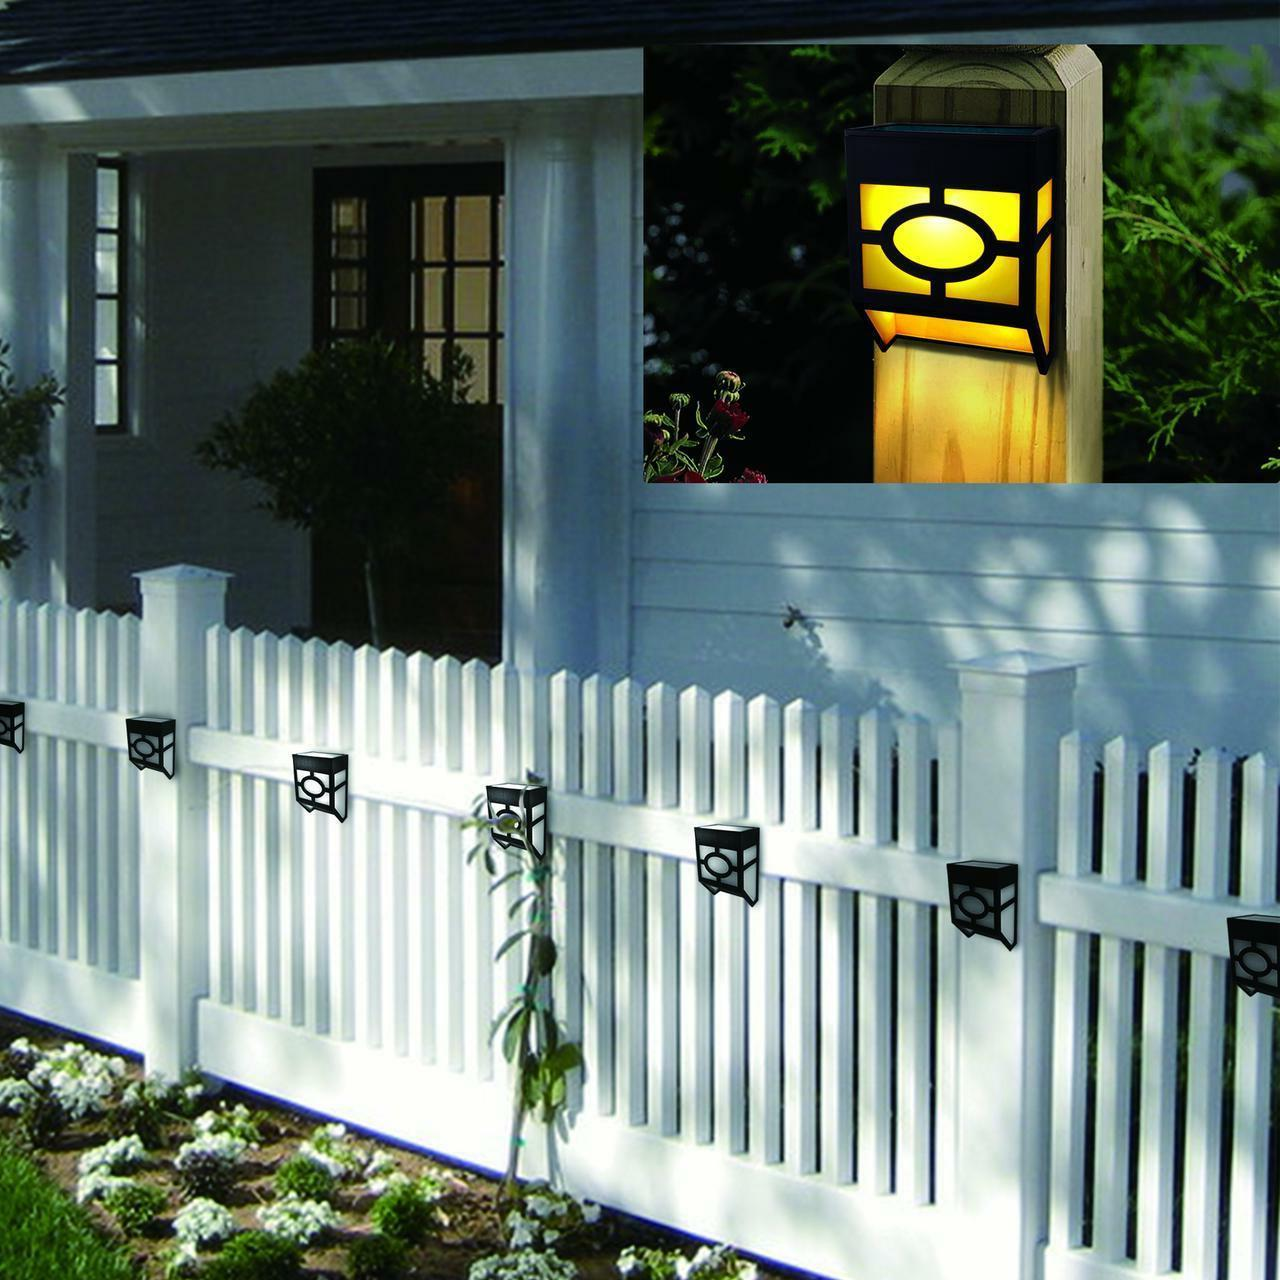 4 Deck Landscape Garden Yard Fence Warm